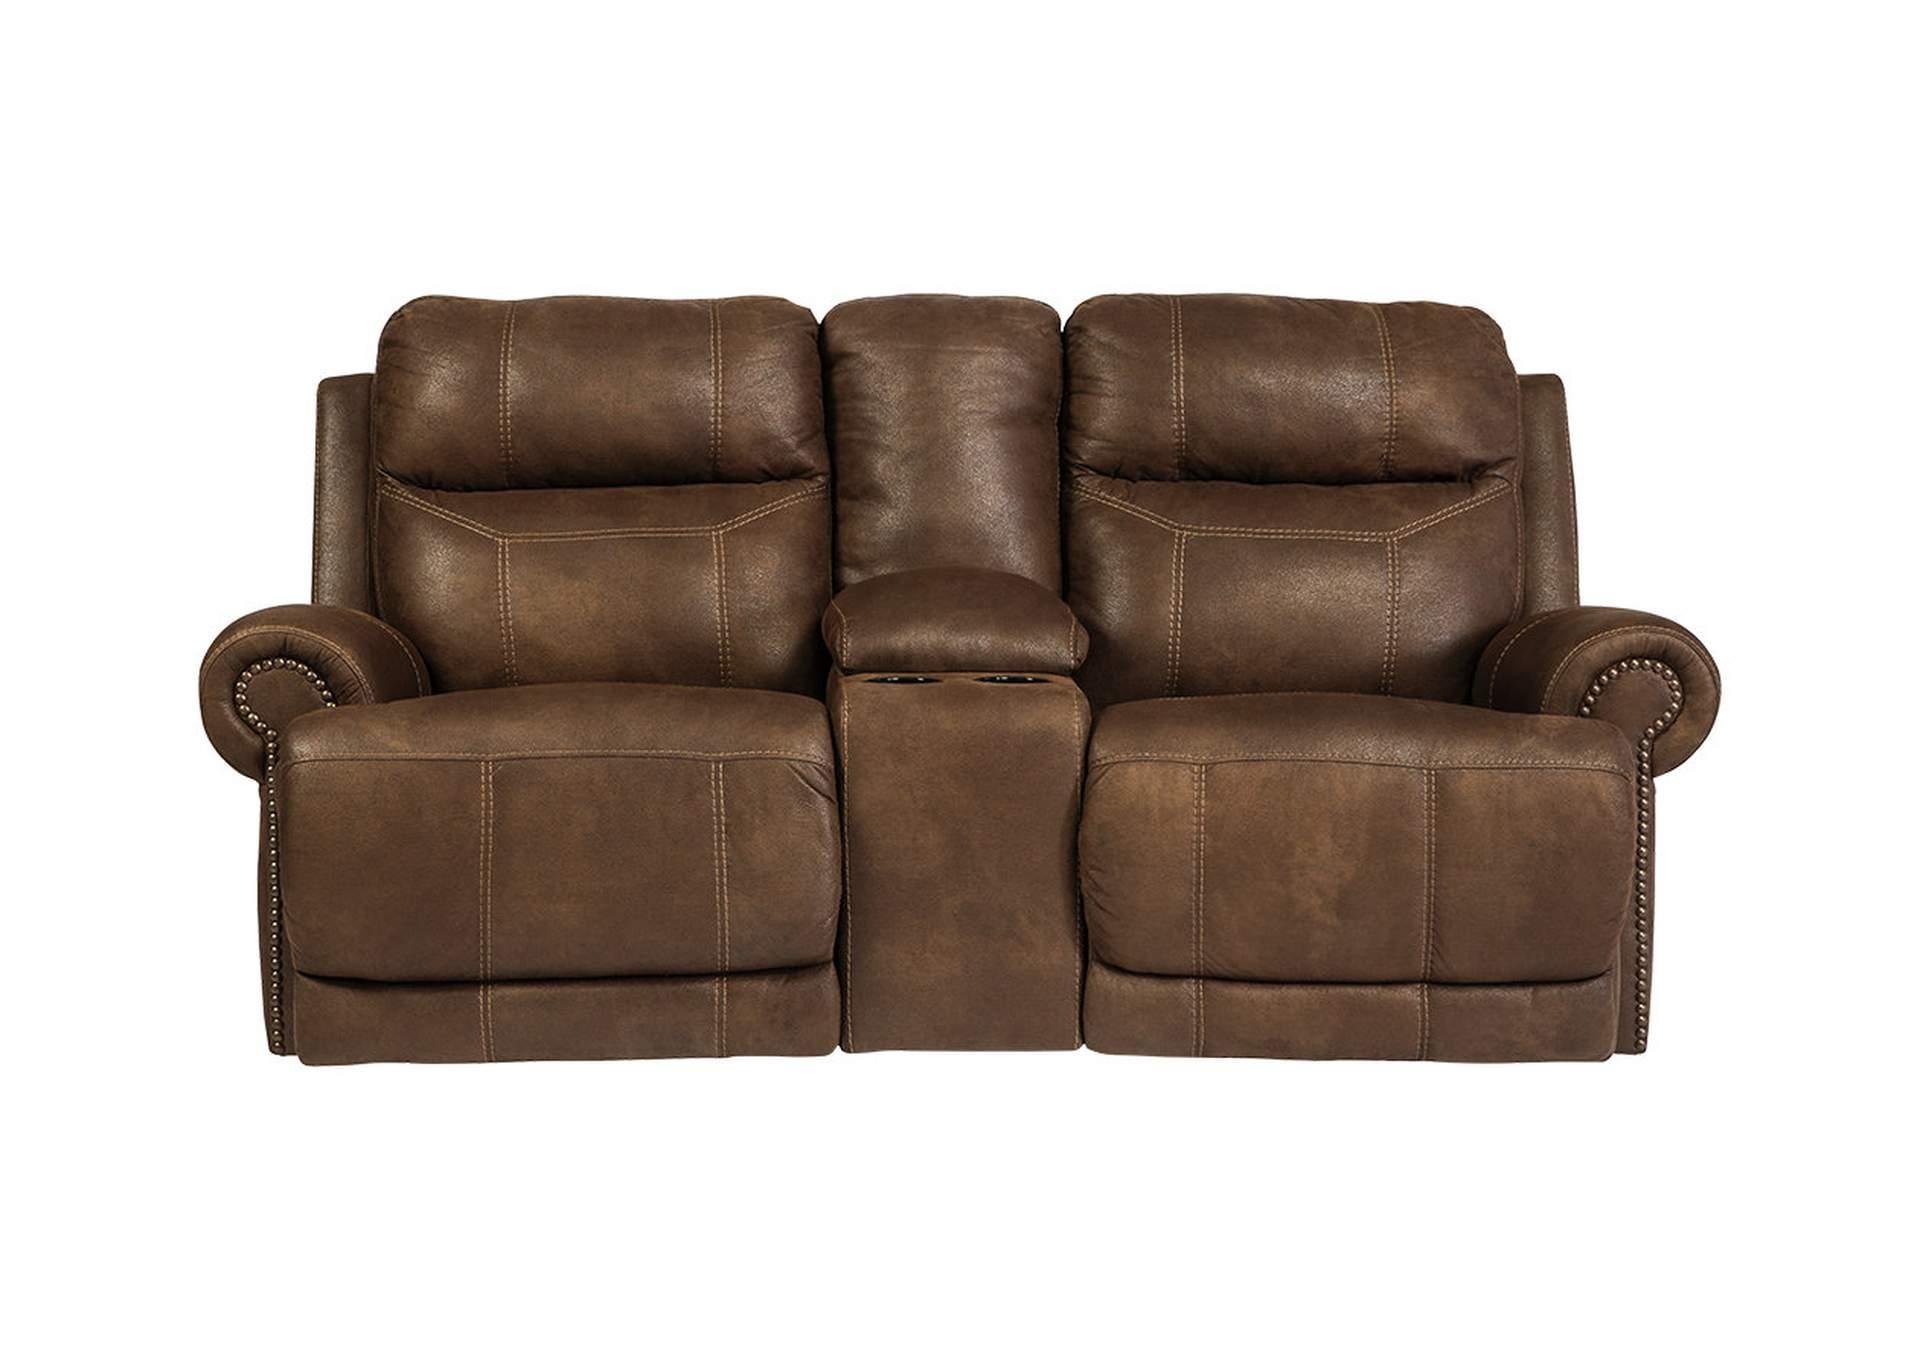 Loveseat (sofá de dos plazas) Austere reclinable eléctrico doble color marrón con consola   PEDIDO ESPECIAL